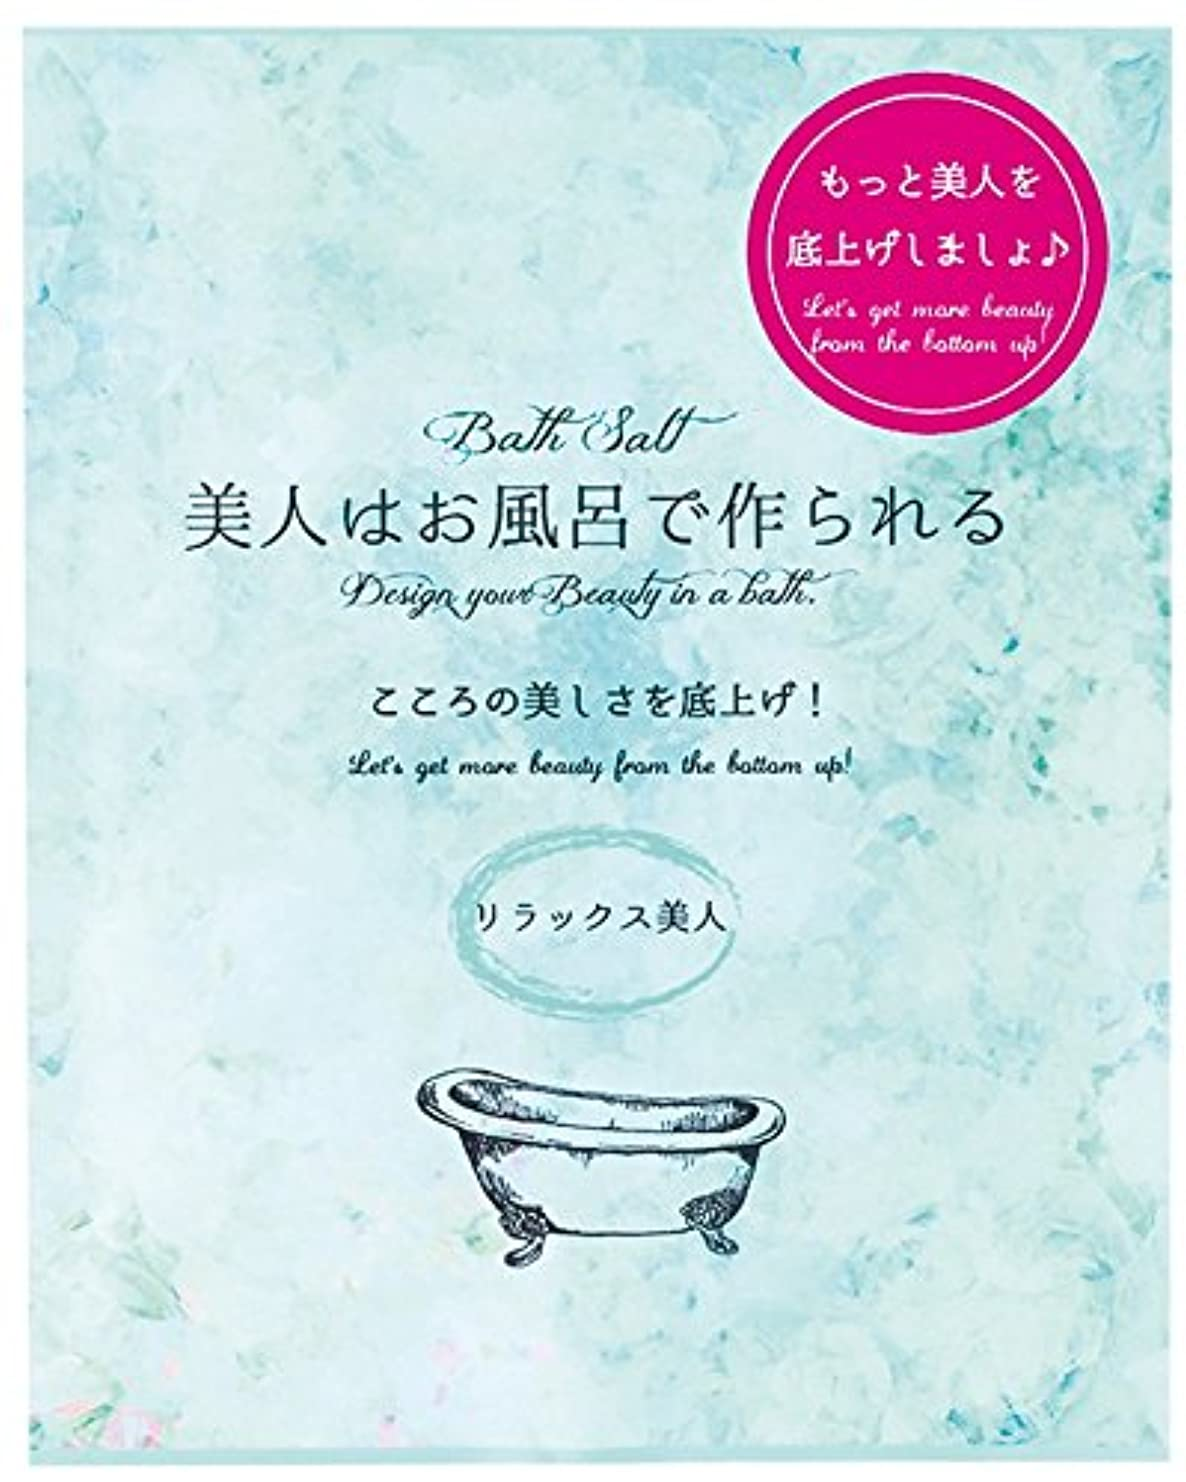 めまいエステート無傷ノルコーポレーション 入浴剤 セット 美人はお風呂で作られる バスソルト 55g 10包 乳白色 リラックス美人 OB-BZN-1-4